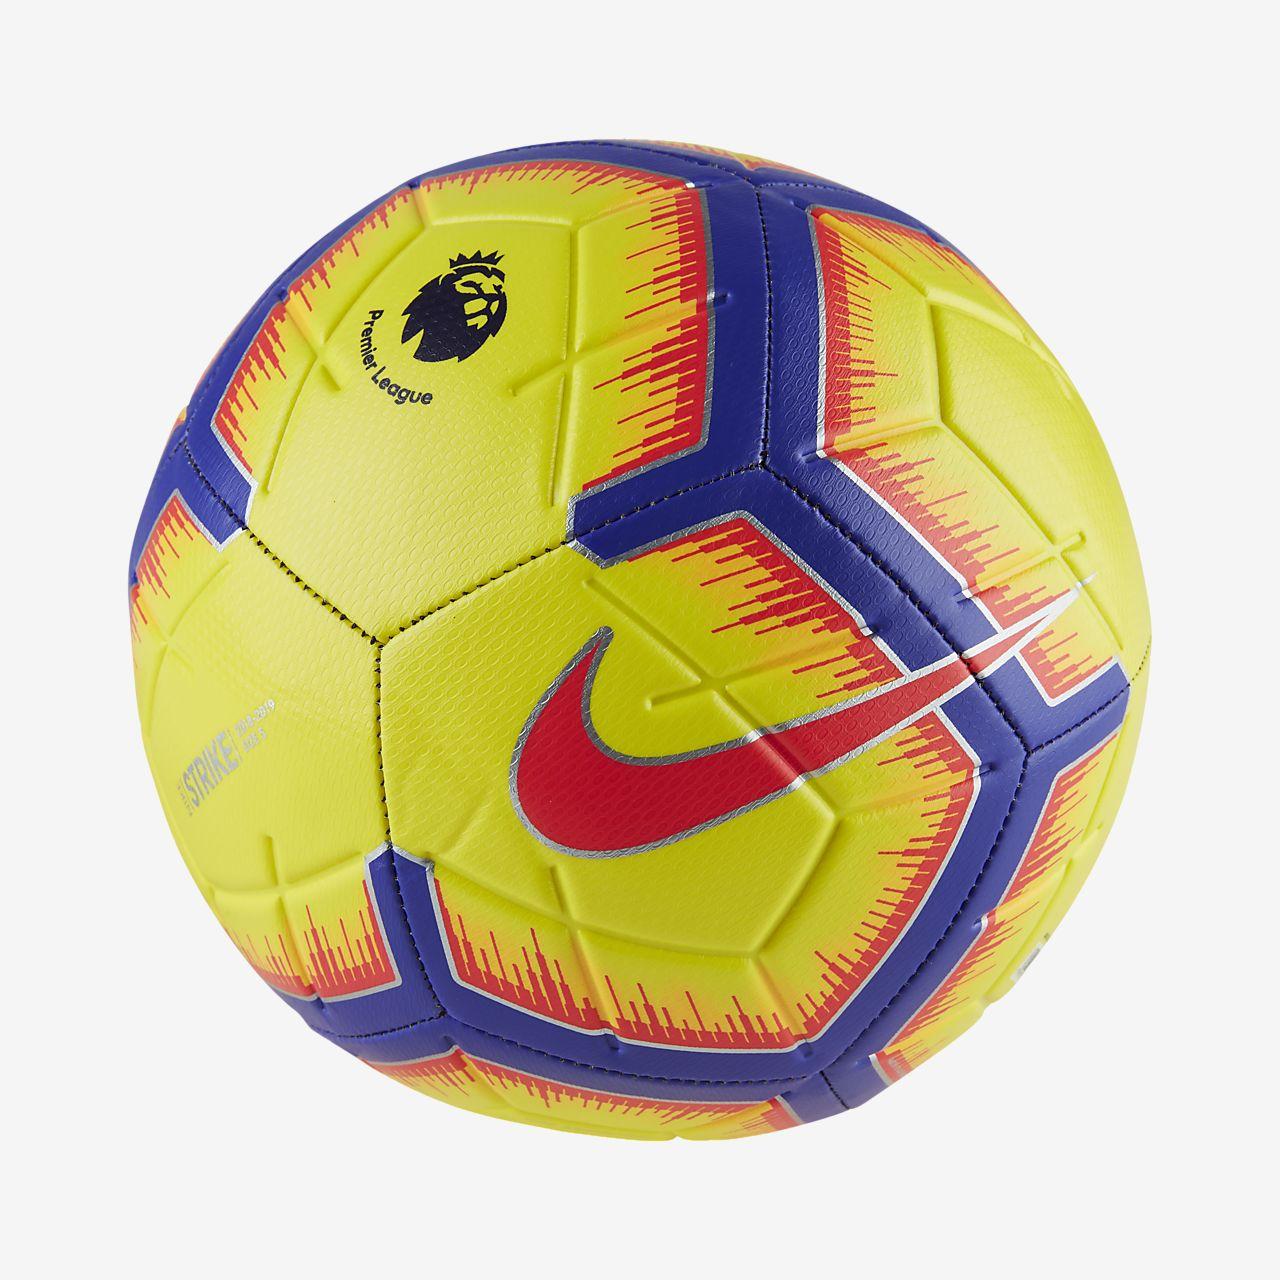 Pallone da calcio Premier League Strike